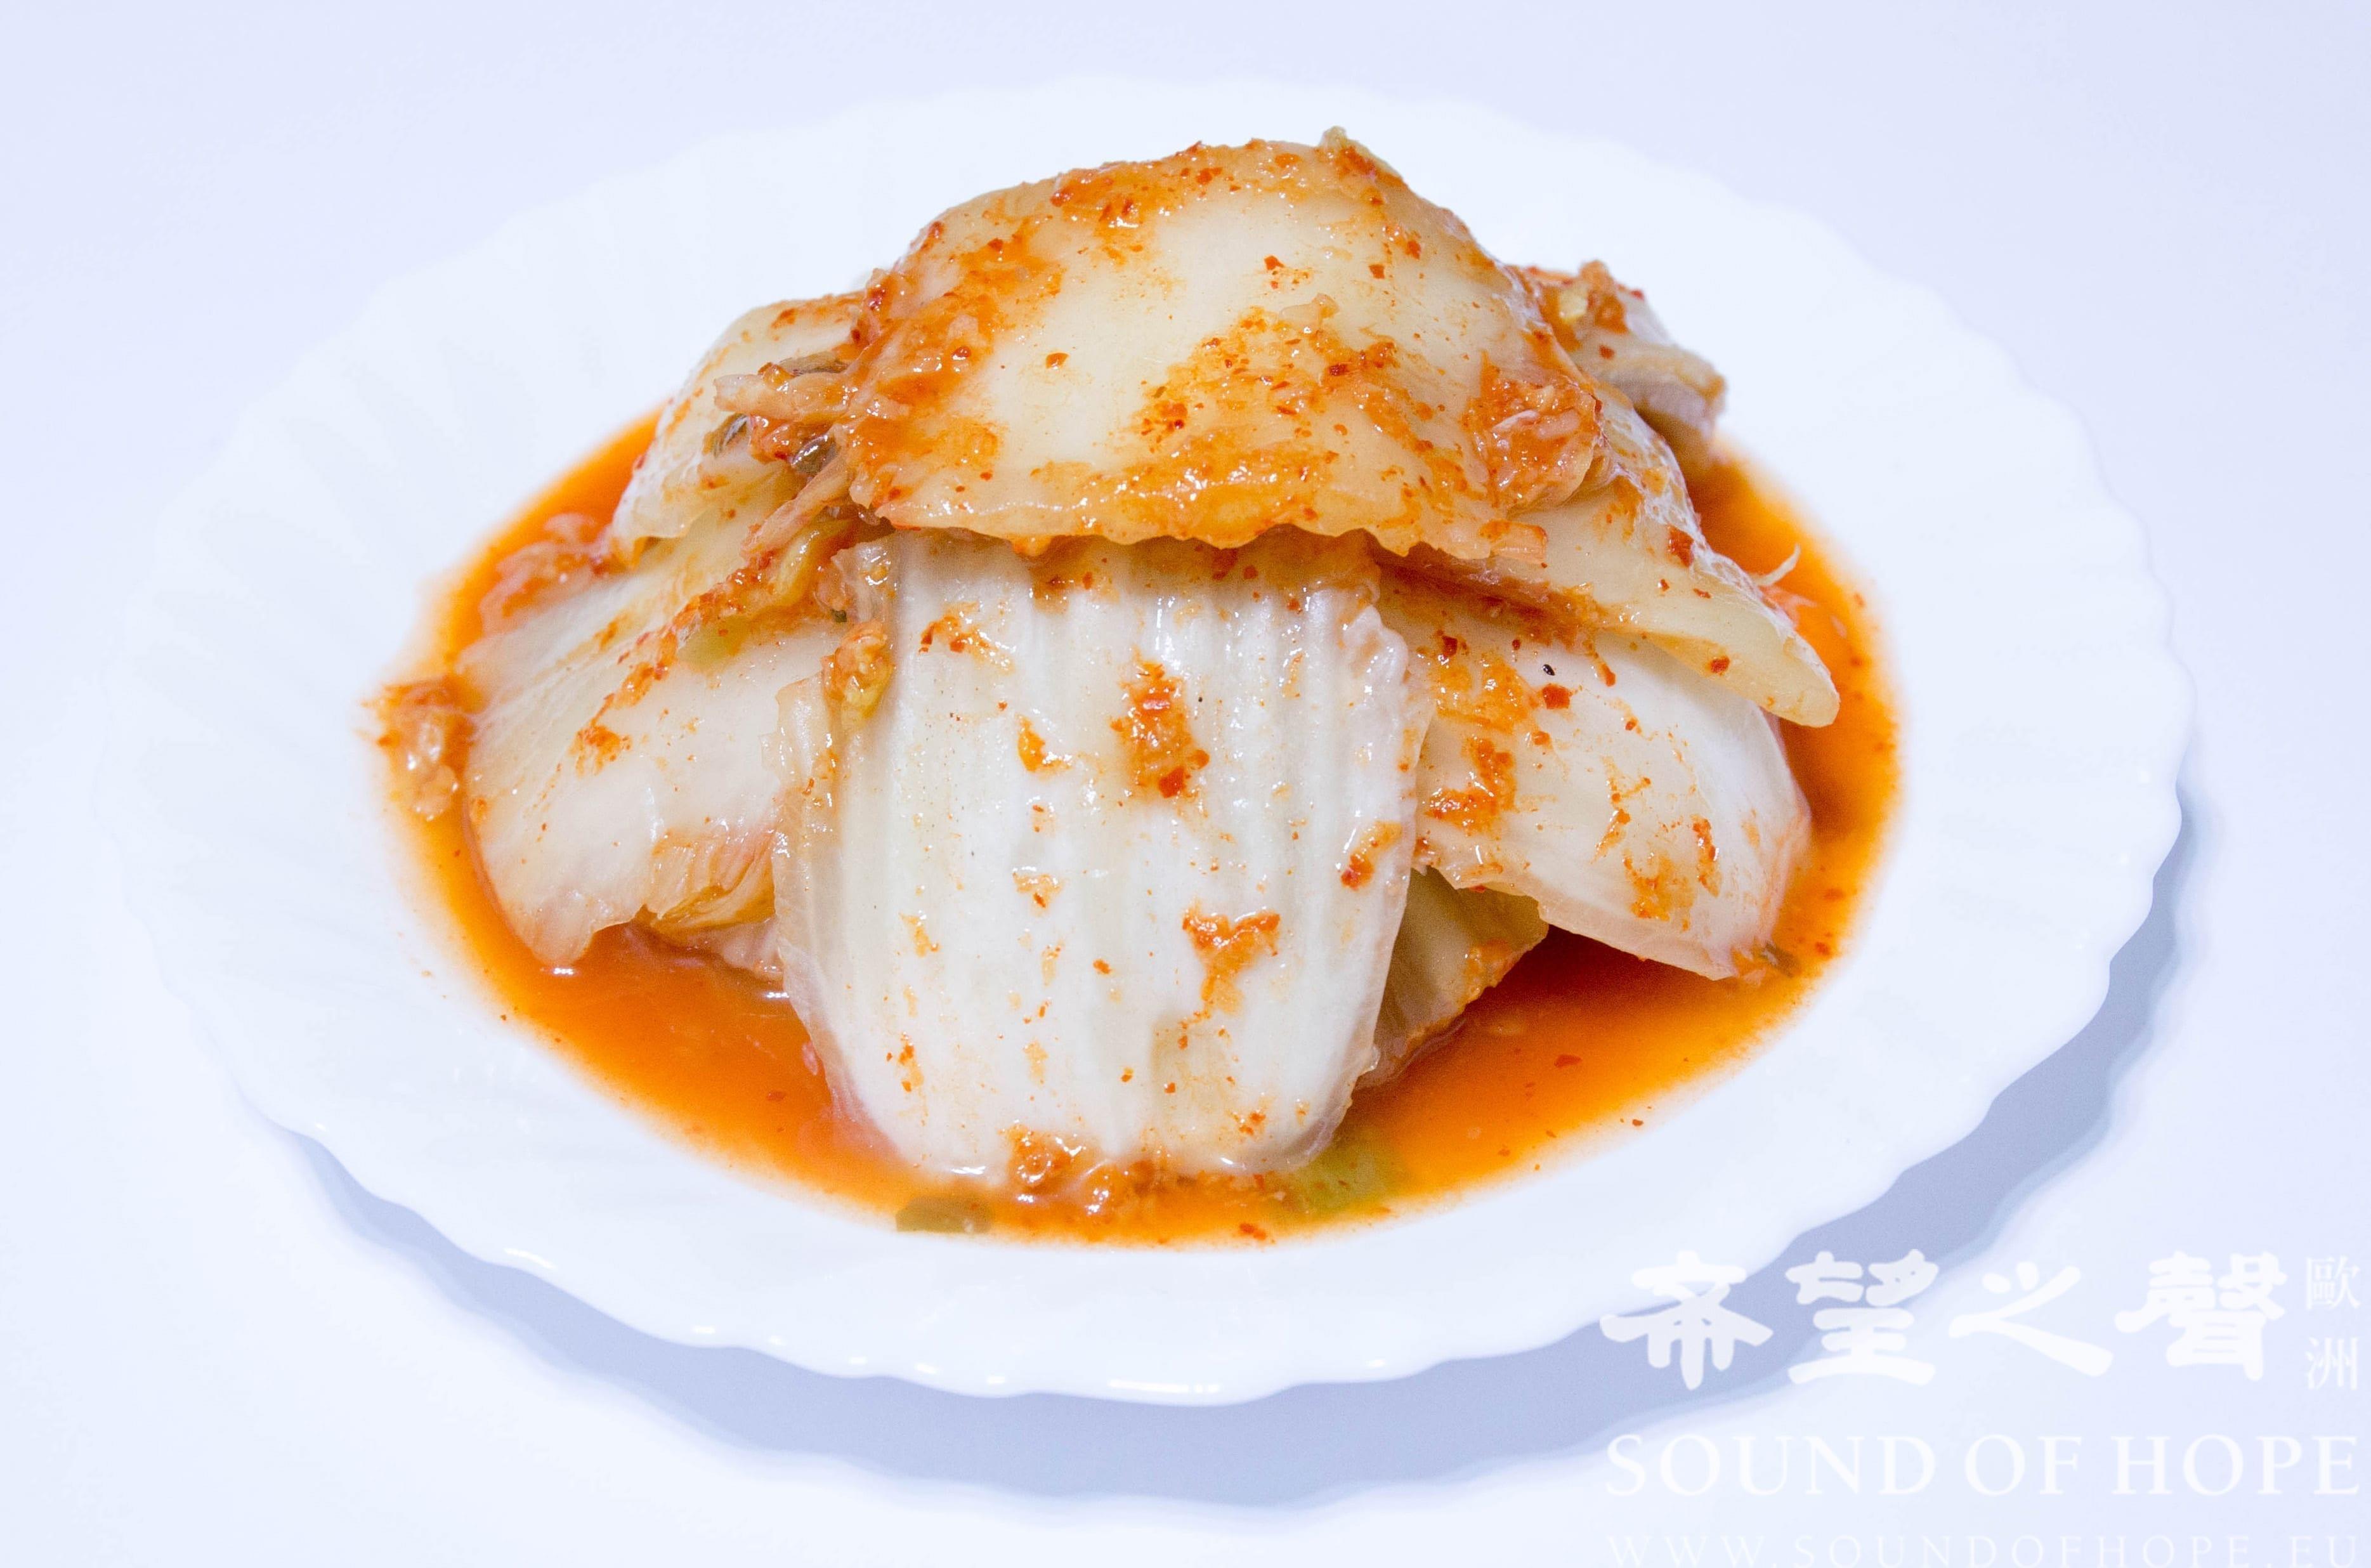 韩国泡菜(图片来源:欧洲希望之声 麦克)